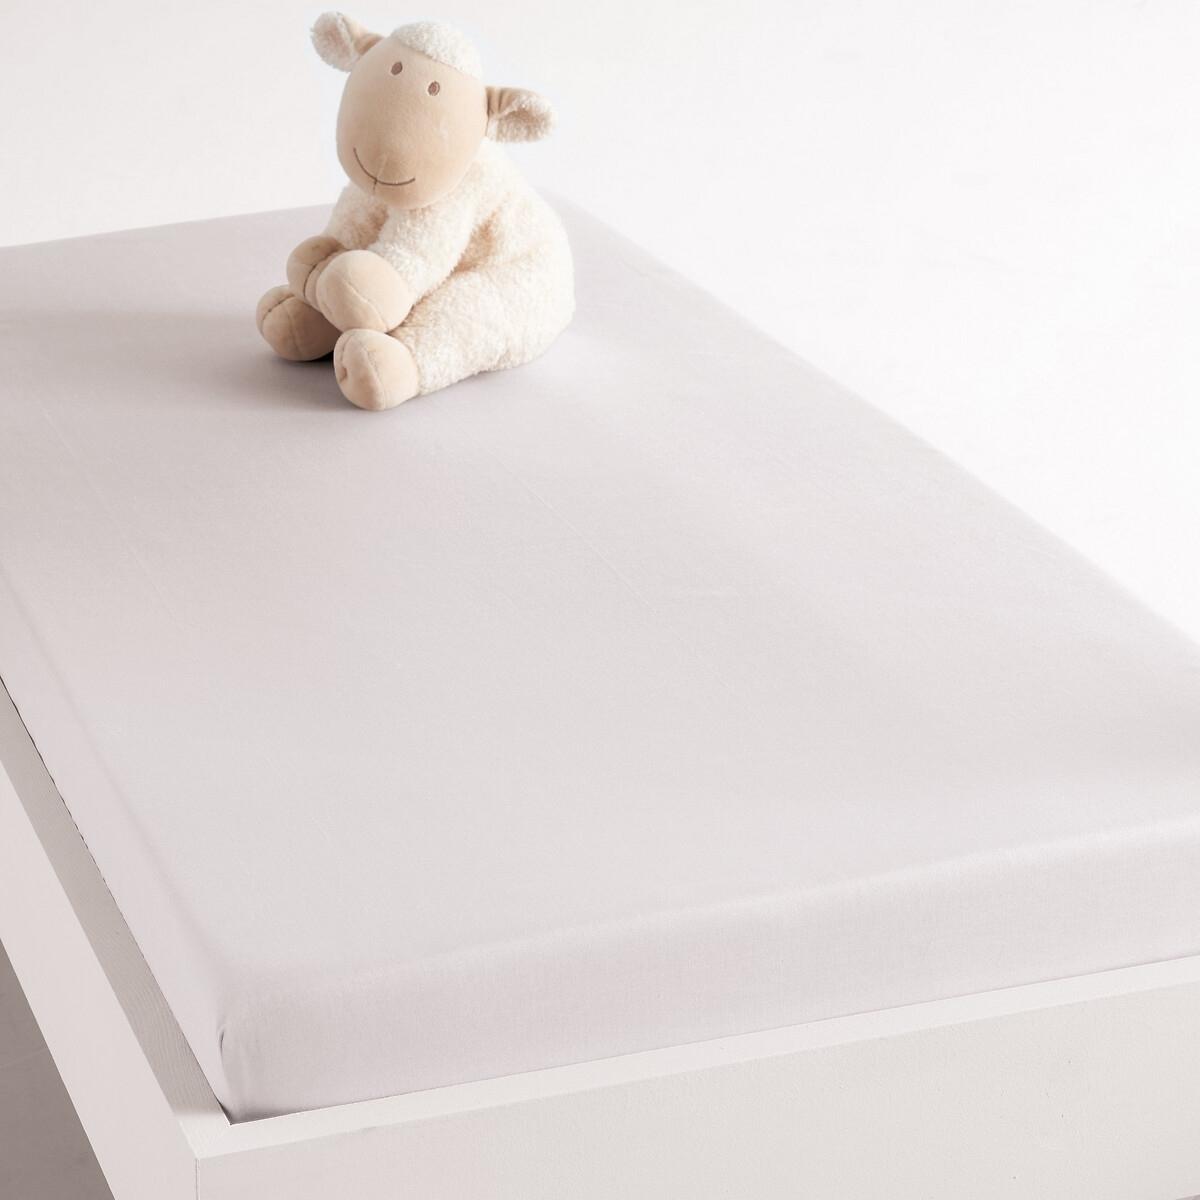 Натяжная простыня La Redoute Из хлопка для детской кровати 60 x 120 см белый комплект из полотенце для la redoute рук из хлопка и льна nipaly 50 x 100 см белый